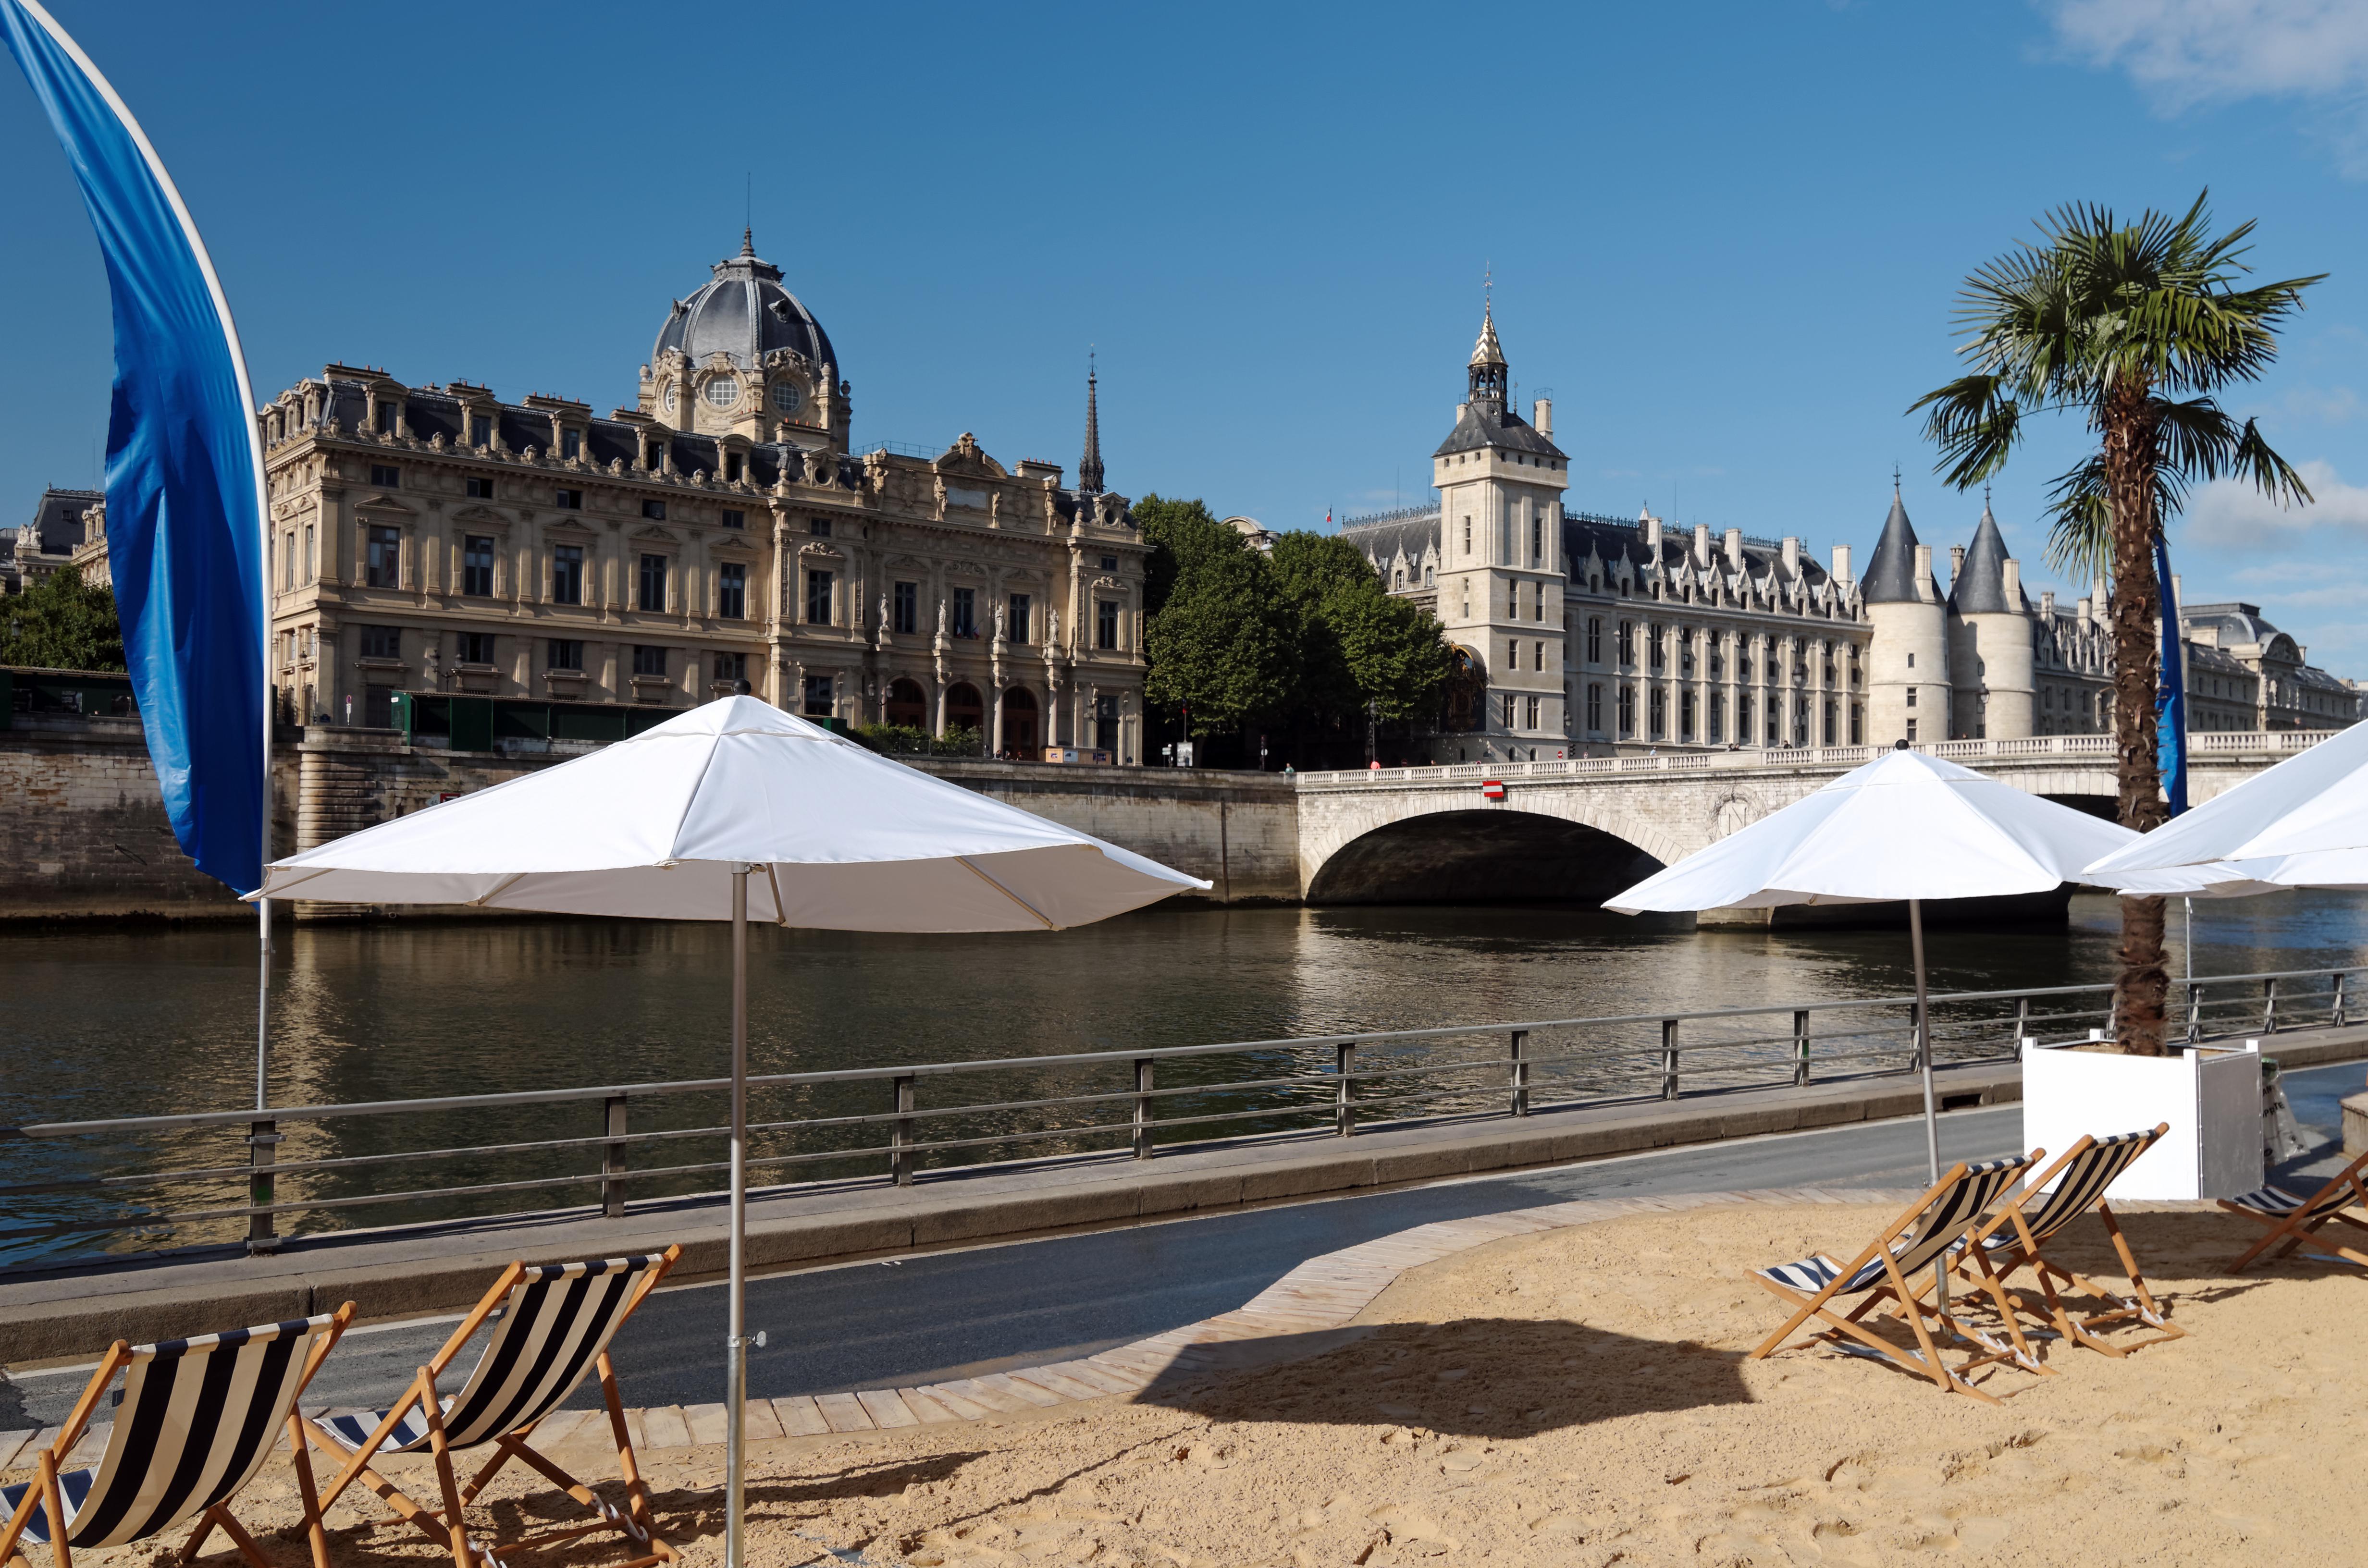 La playa de París - Holanda Circuito Ámsterdam, el Rhin y París